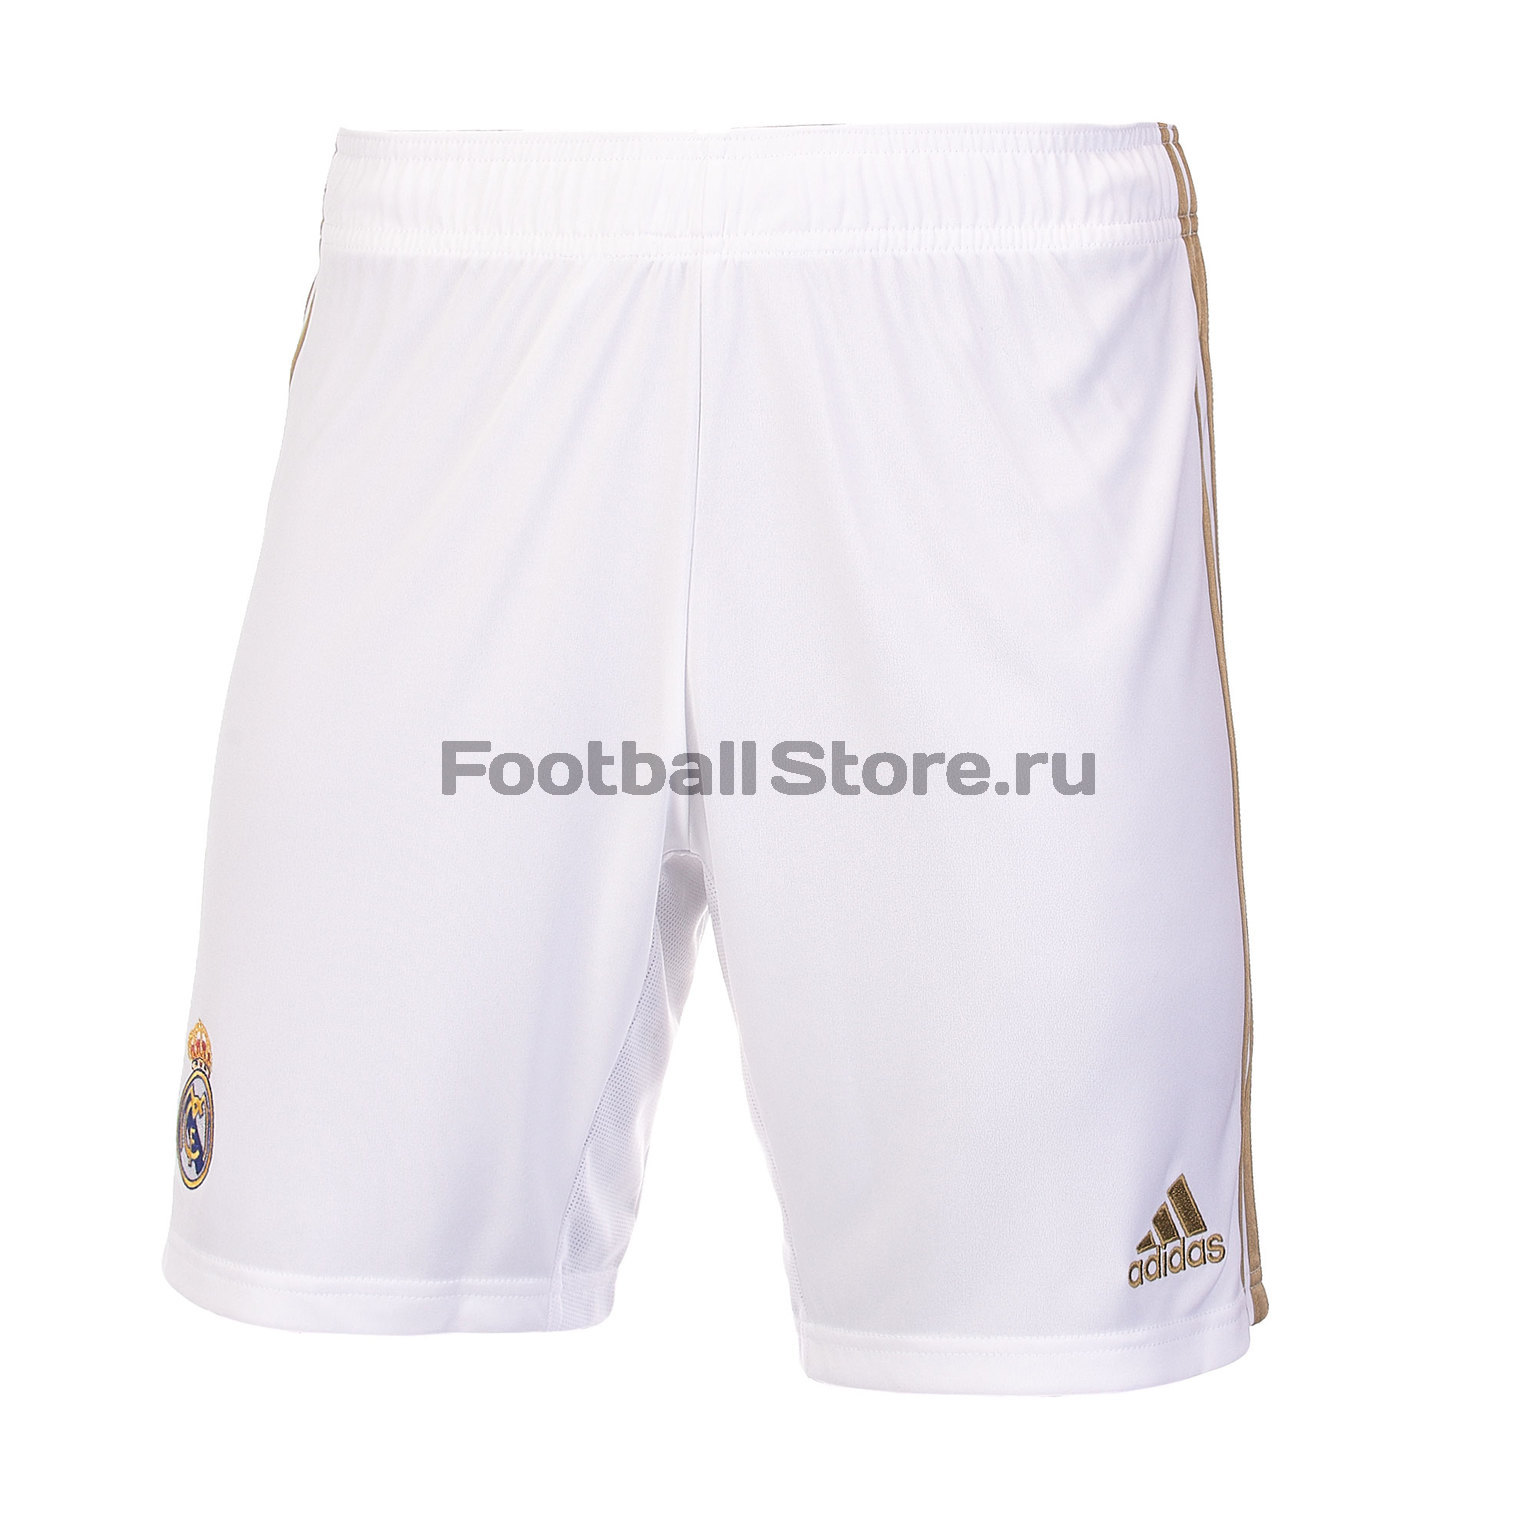 Фото - Шорты игровые домашние Adidas Real Madrid 2019/20 шорты домашние oysho oysho ix001xw0075y